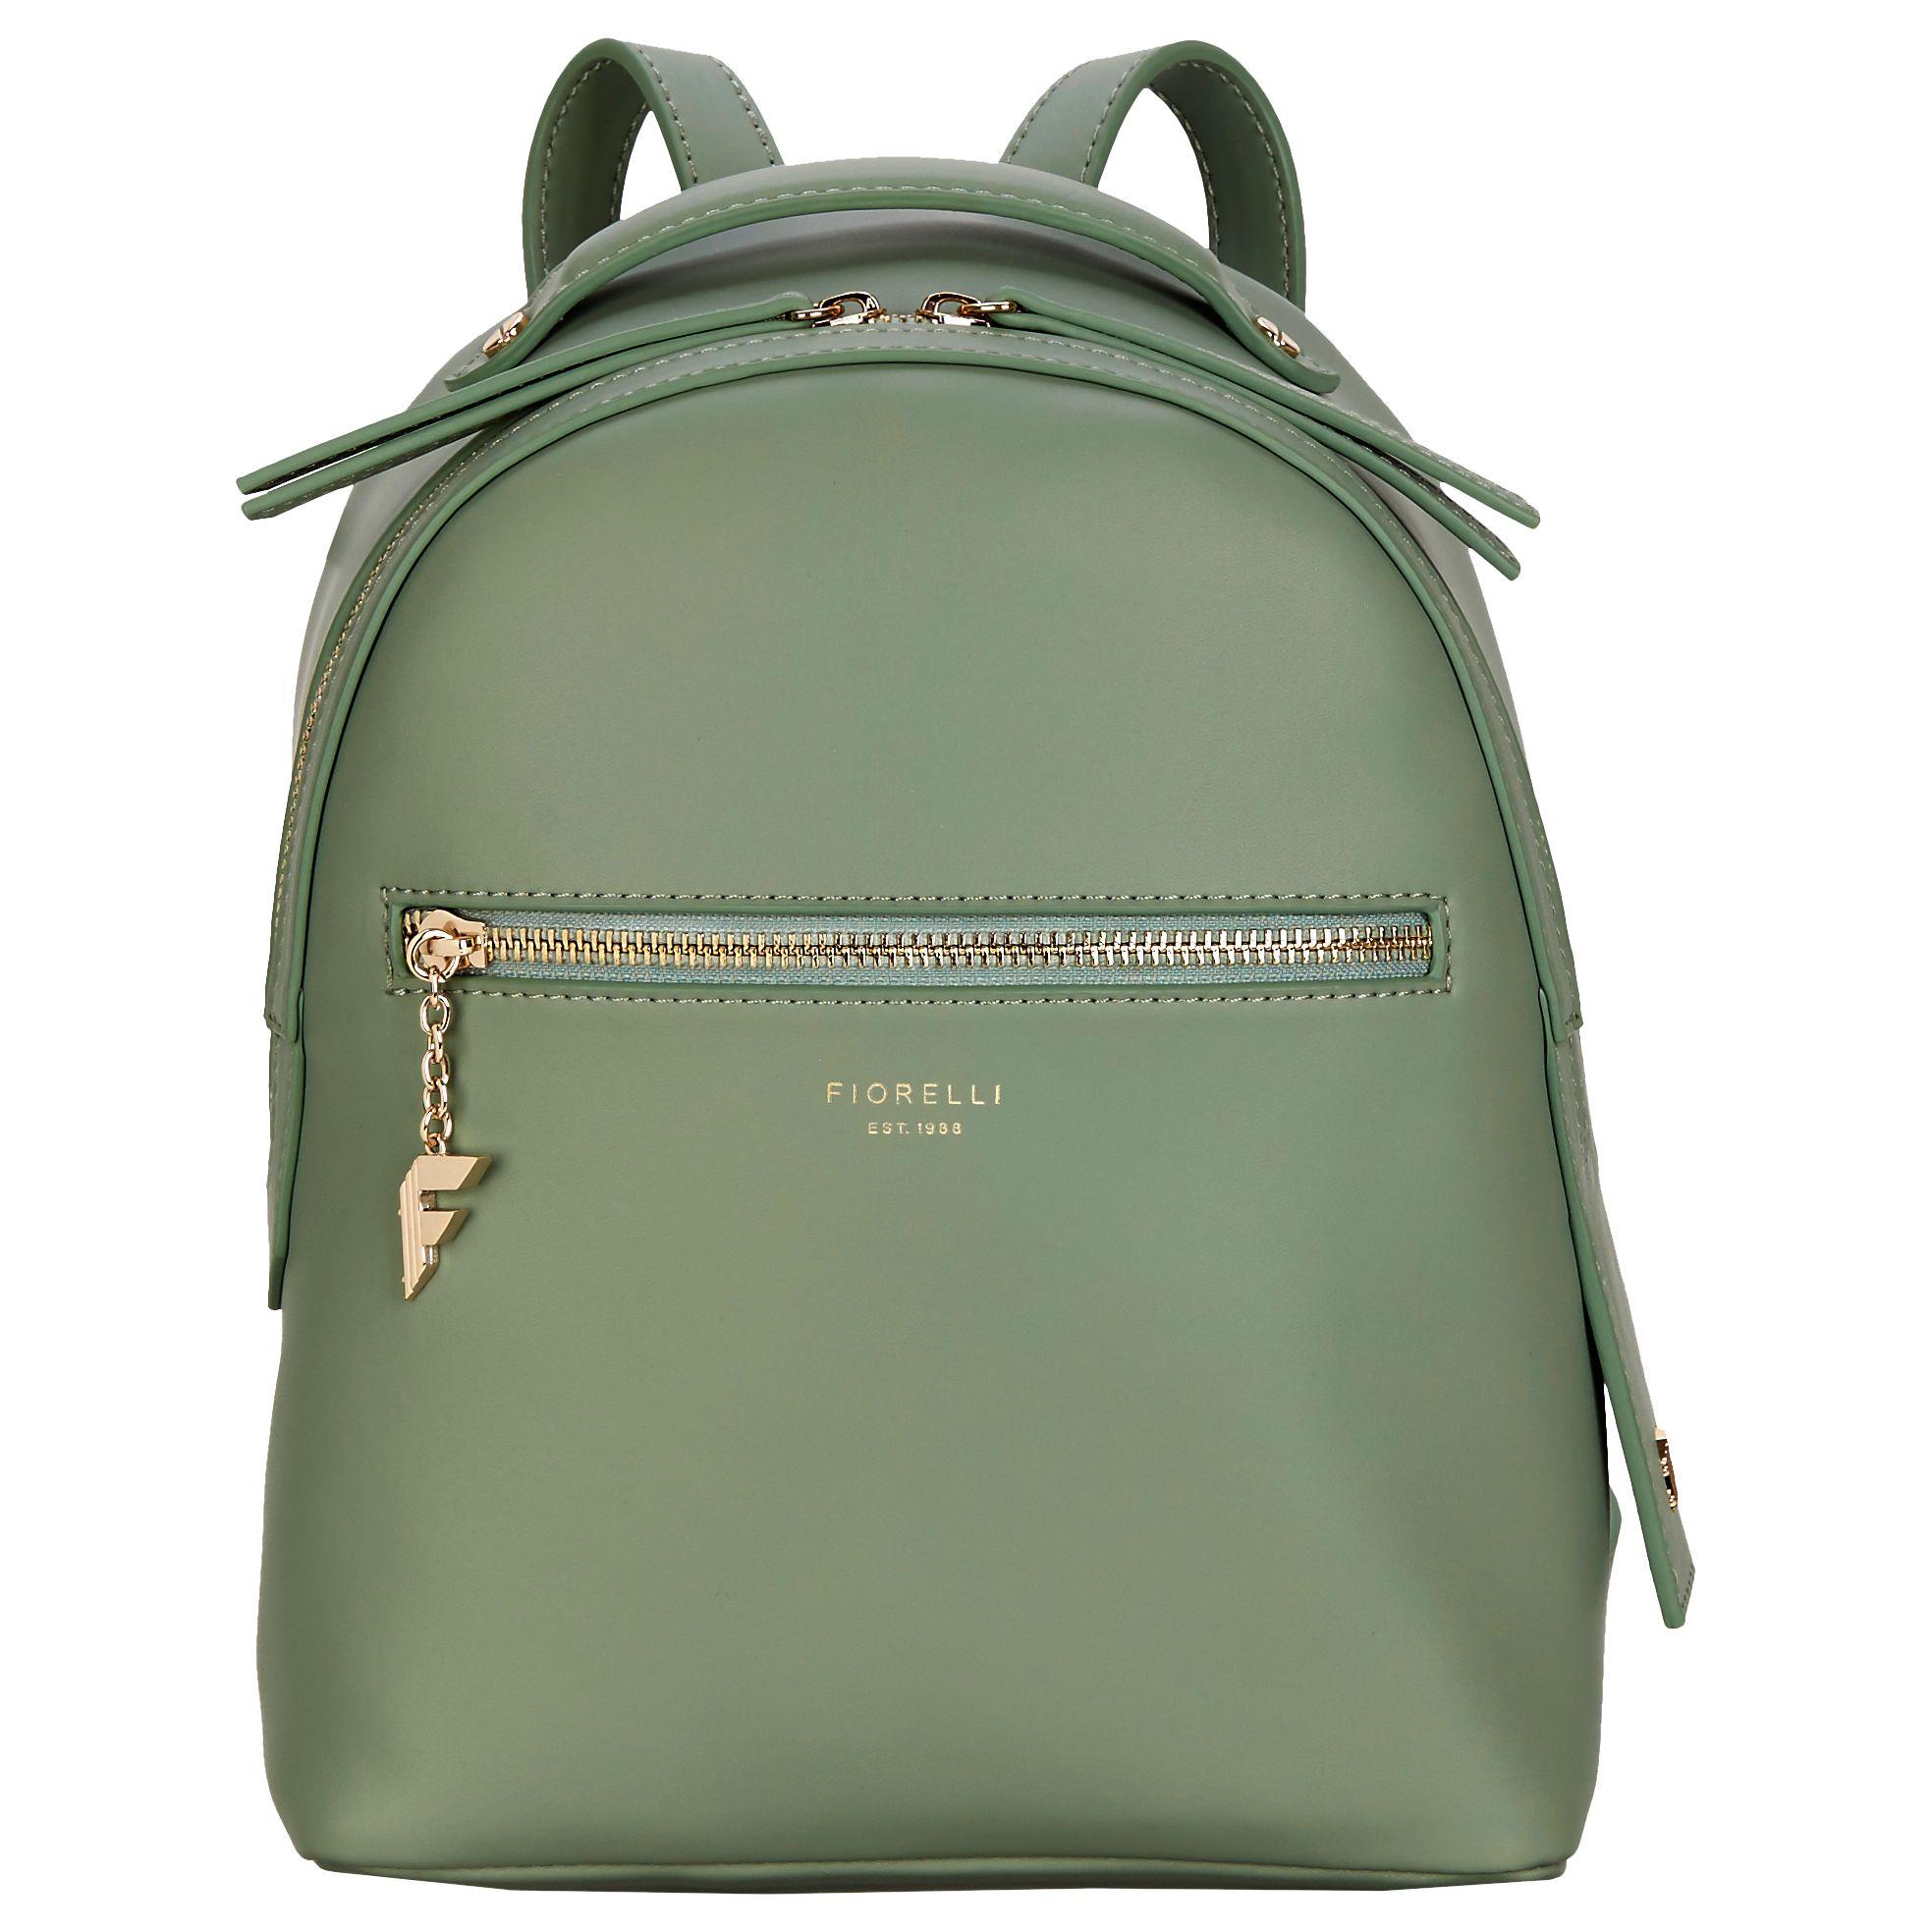 Fiorelli Fiorelli Anouk Small Backpack